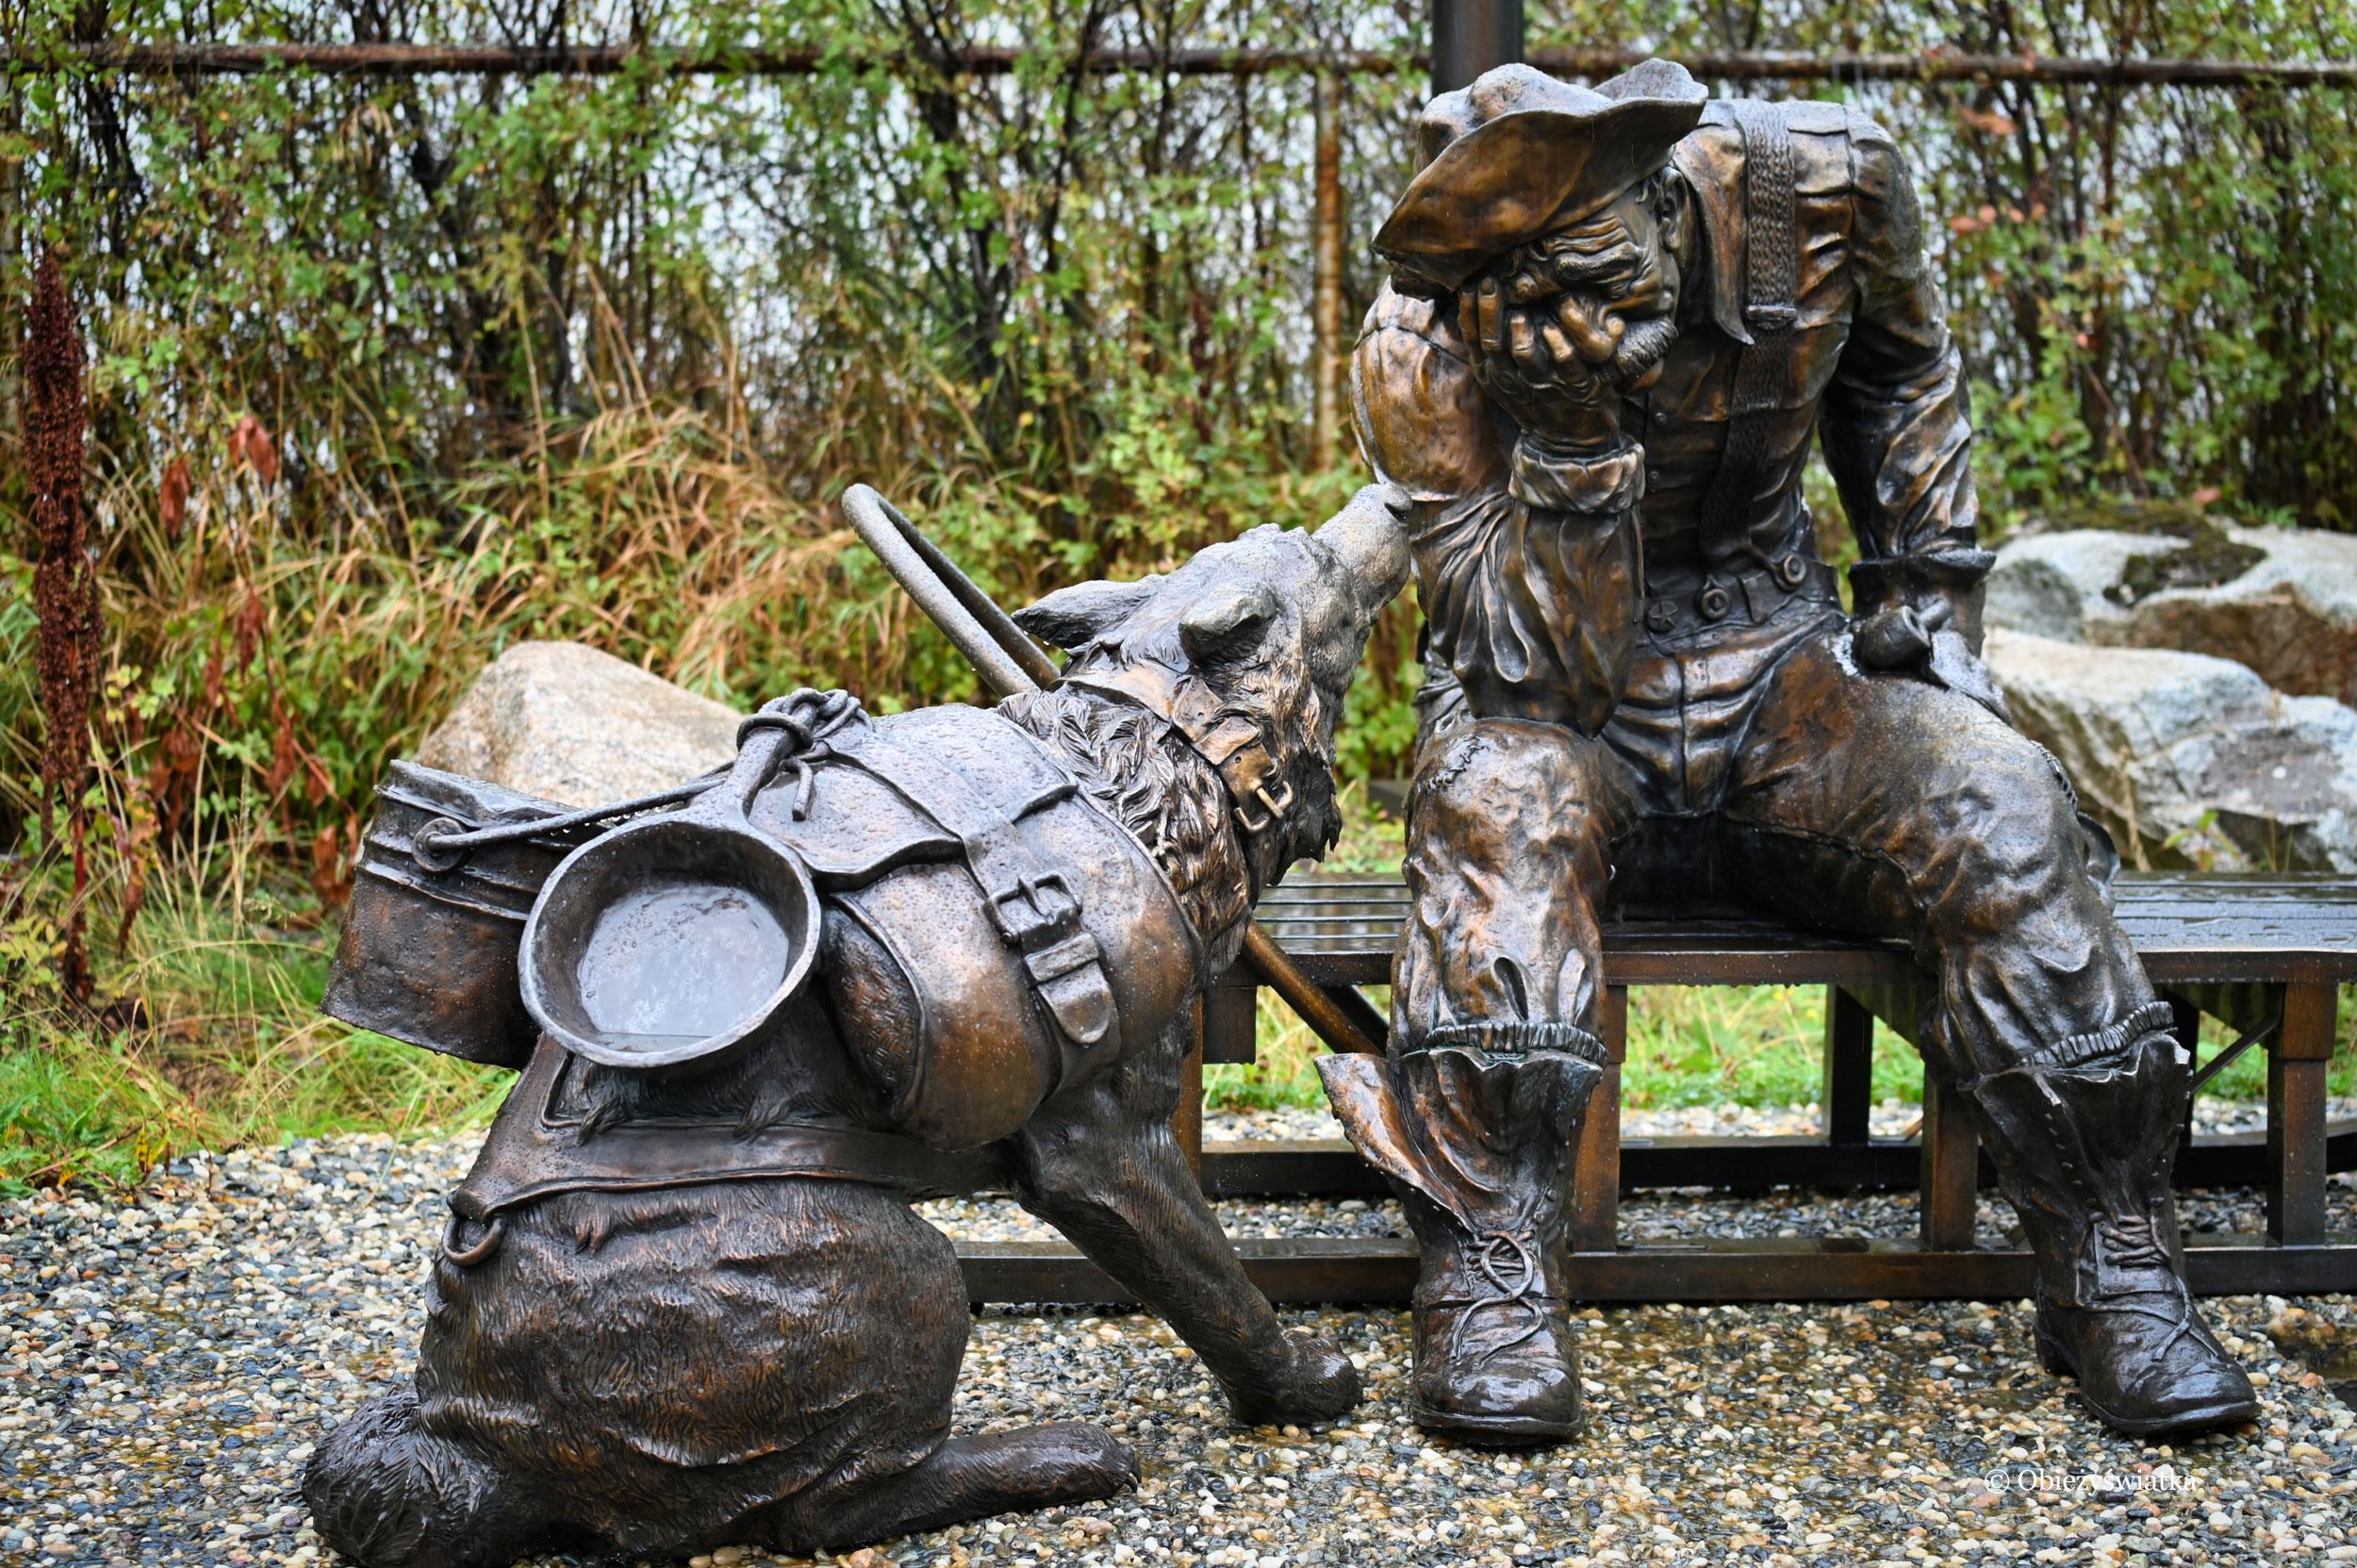 Pomnik Poszukiwacza Złota - zobaczcie, pies niesie wyposażenie do płukania złota, Skagway, Alaska